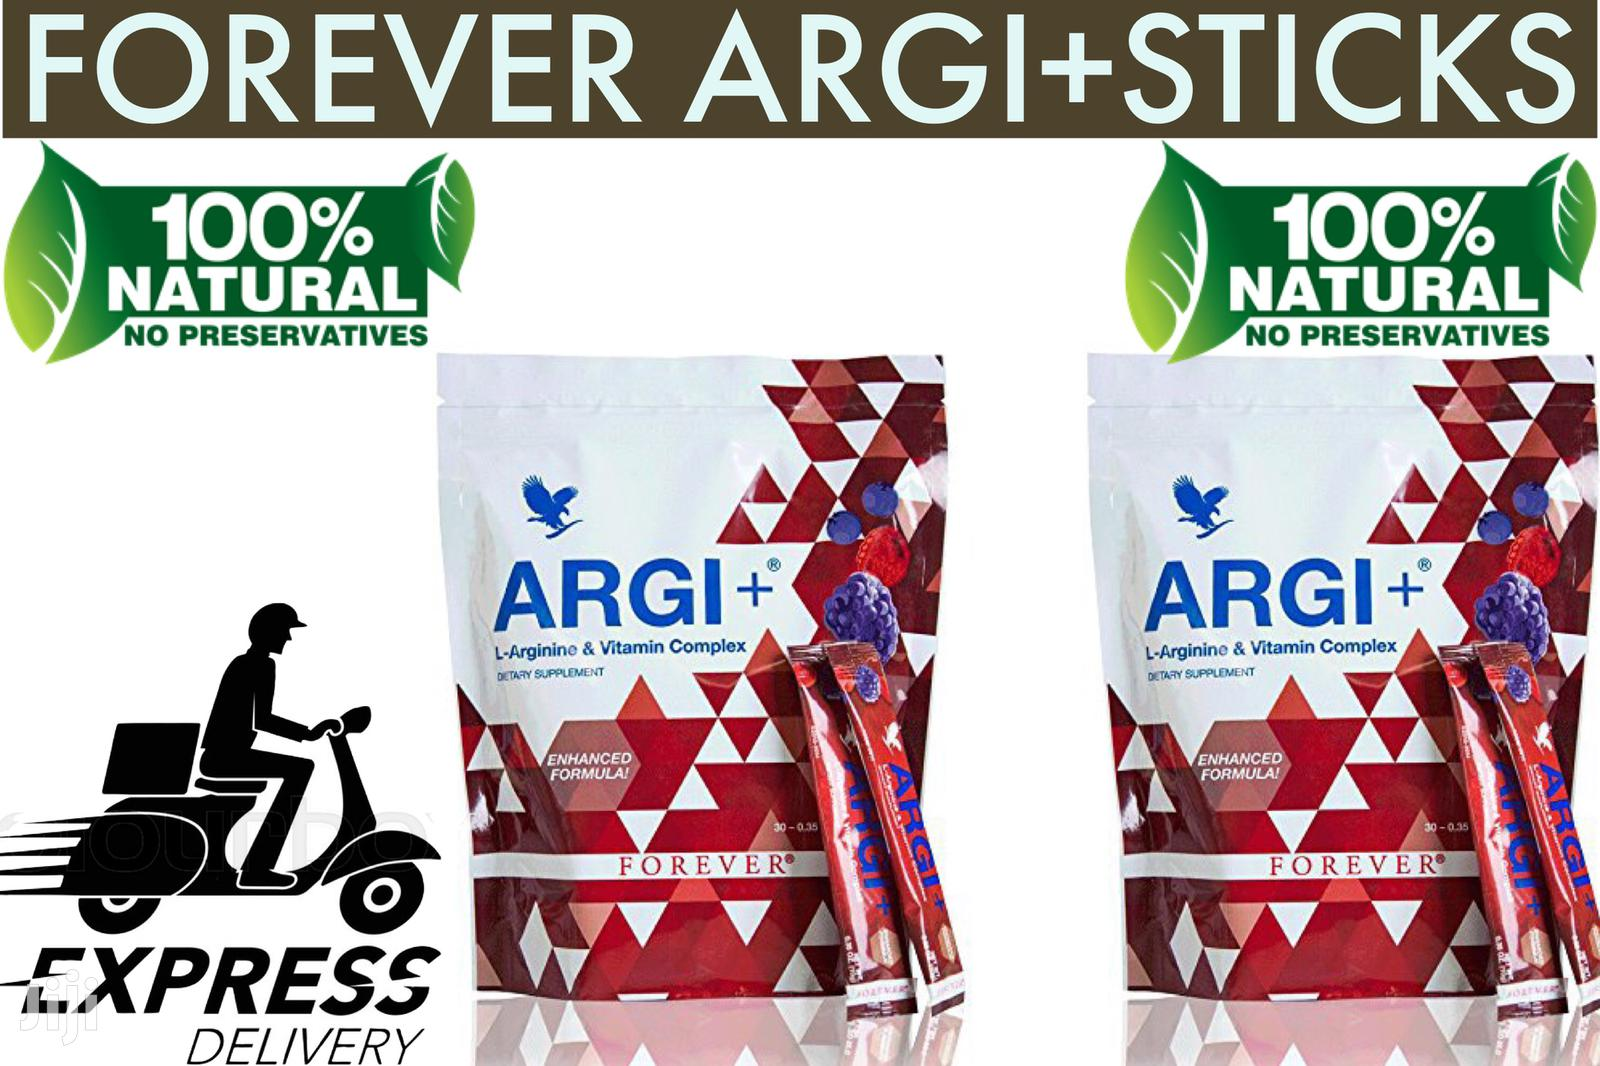 Forever Argi Plus Sticks In Accra